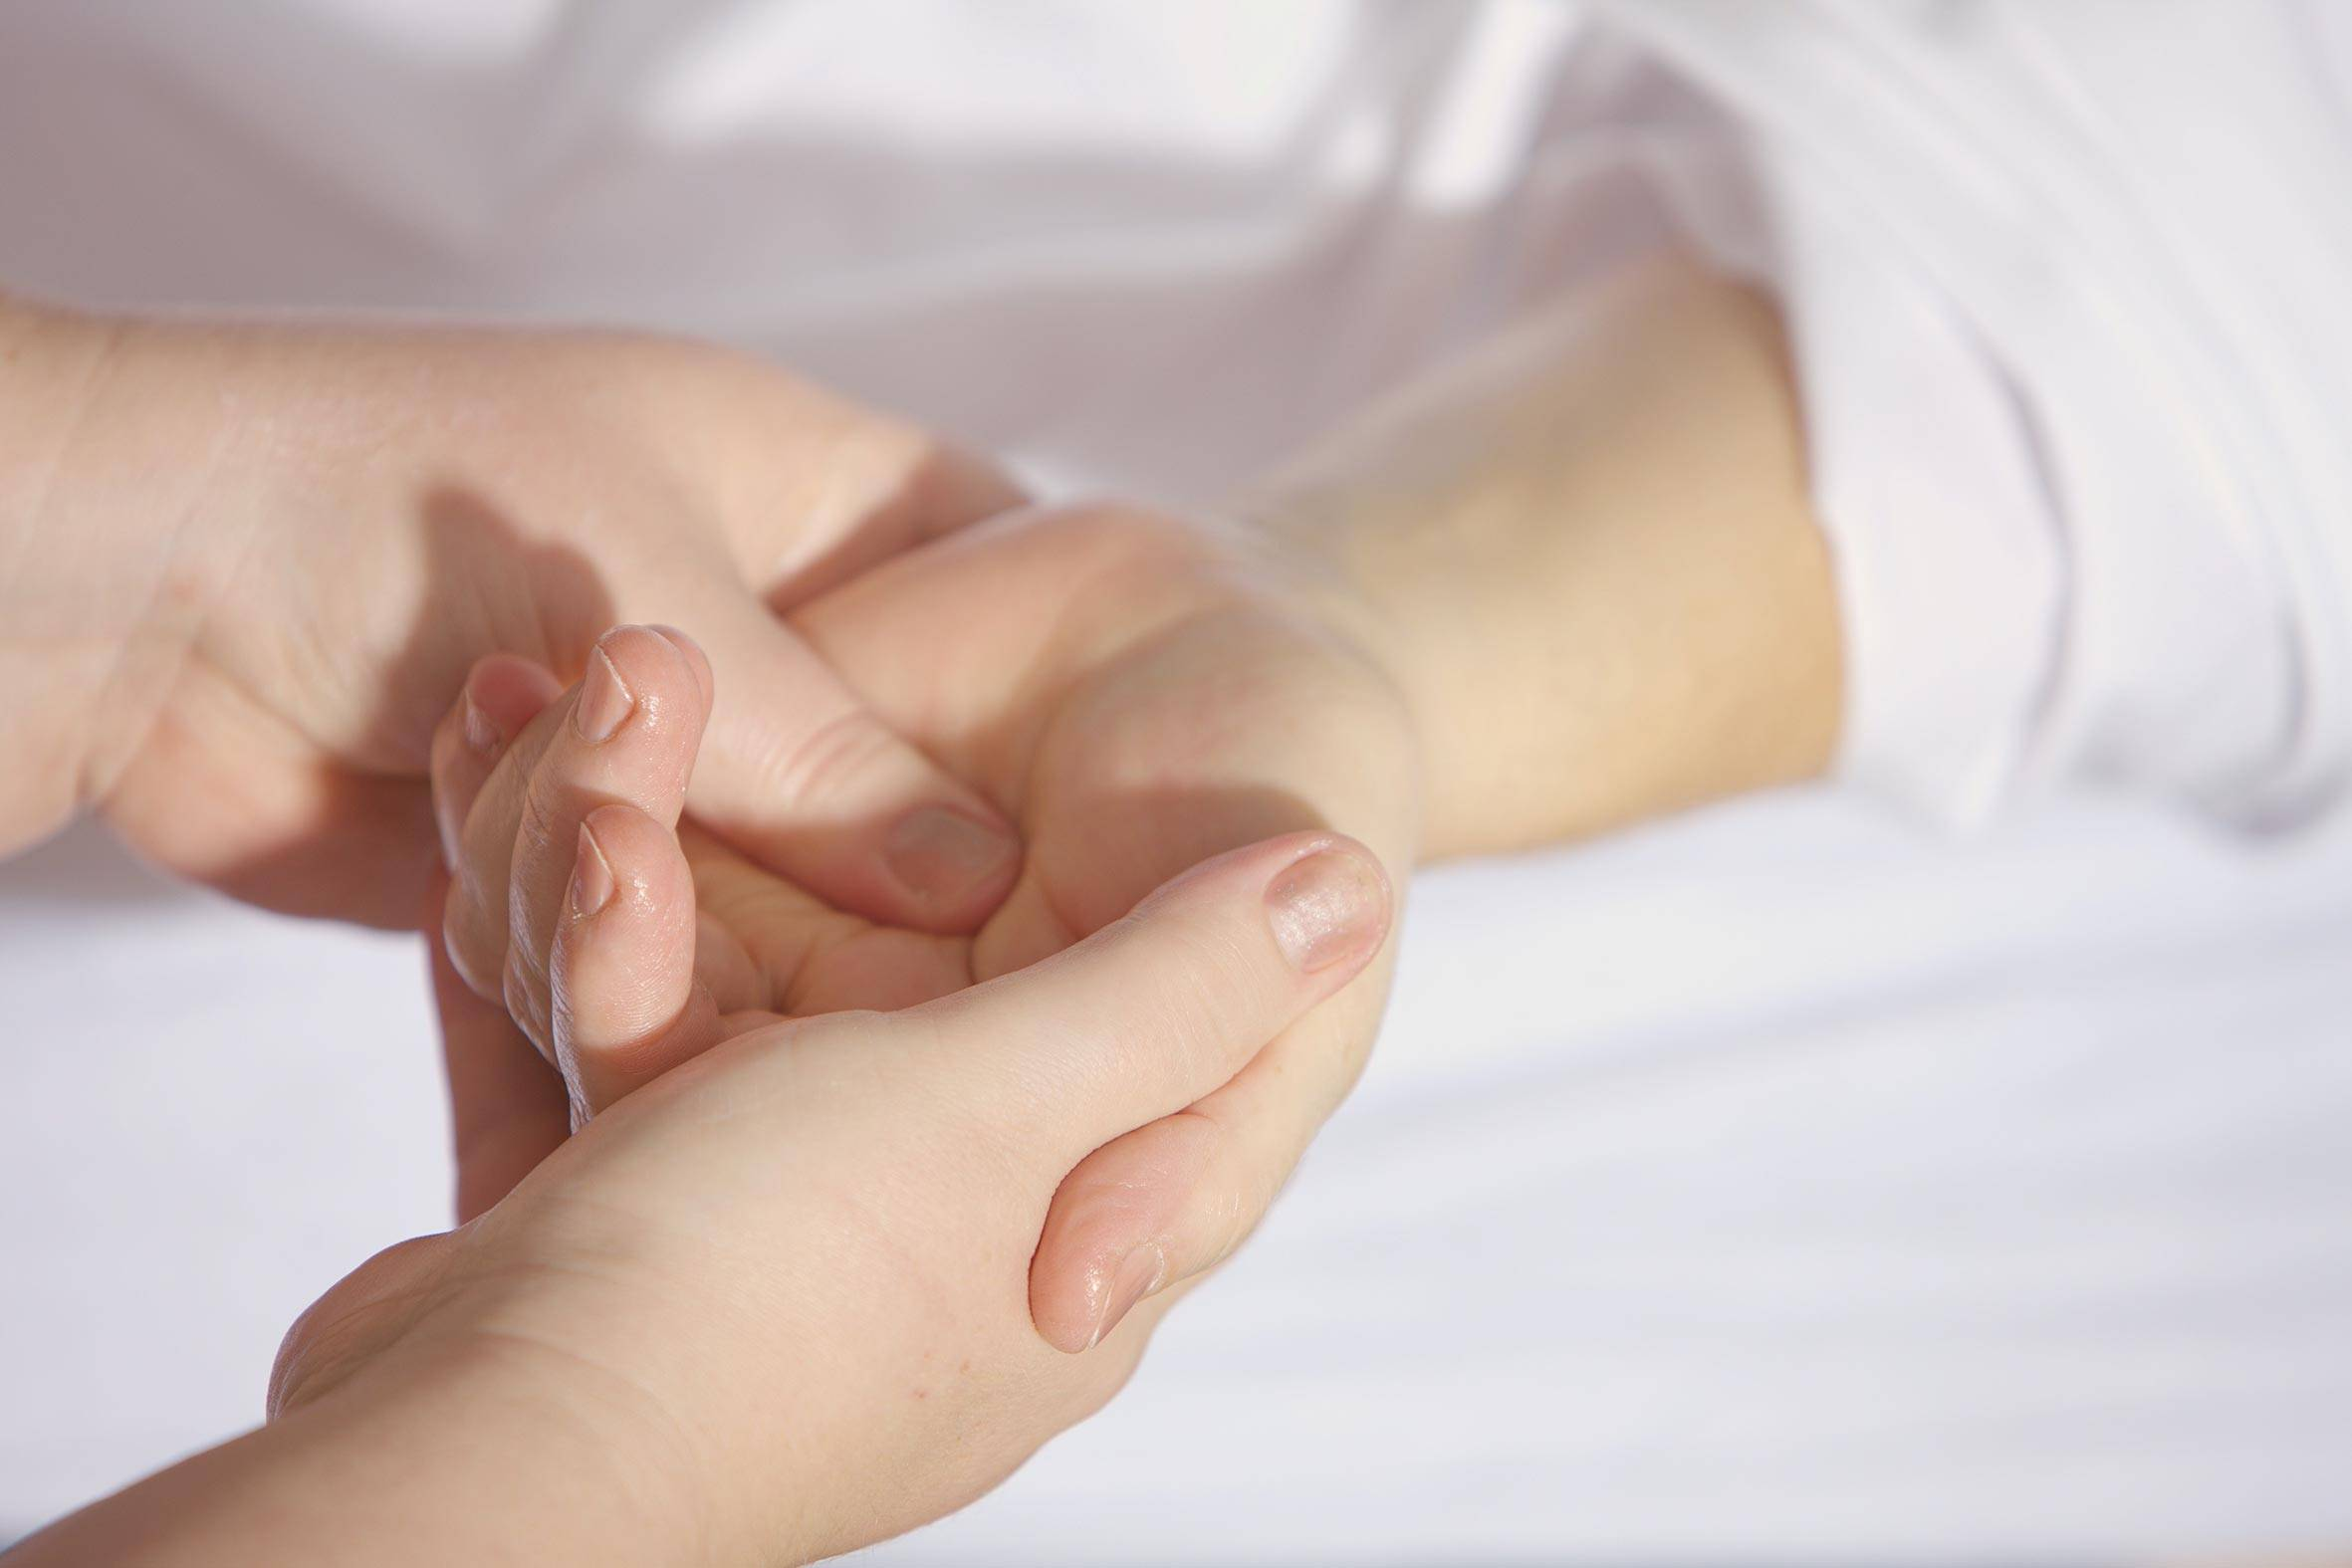 zu jedem maniküre termin gibt es eine kurze handmassage